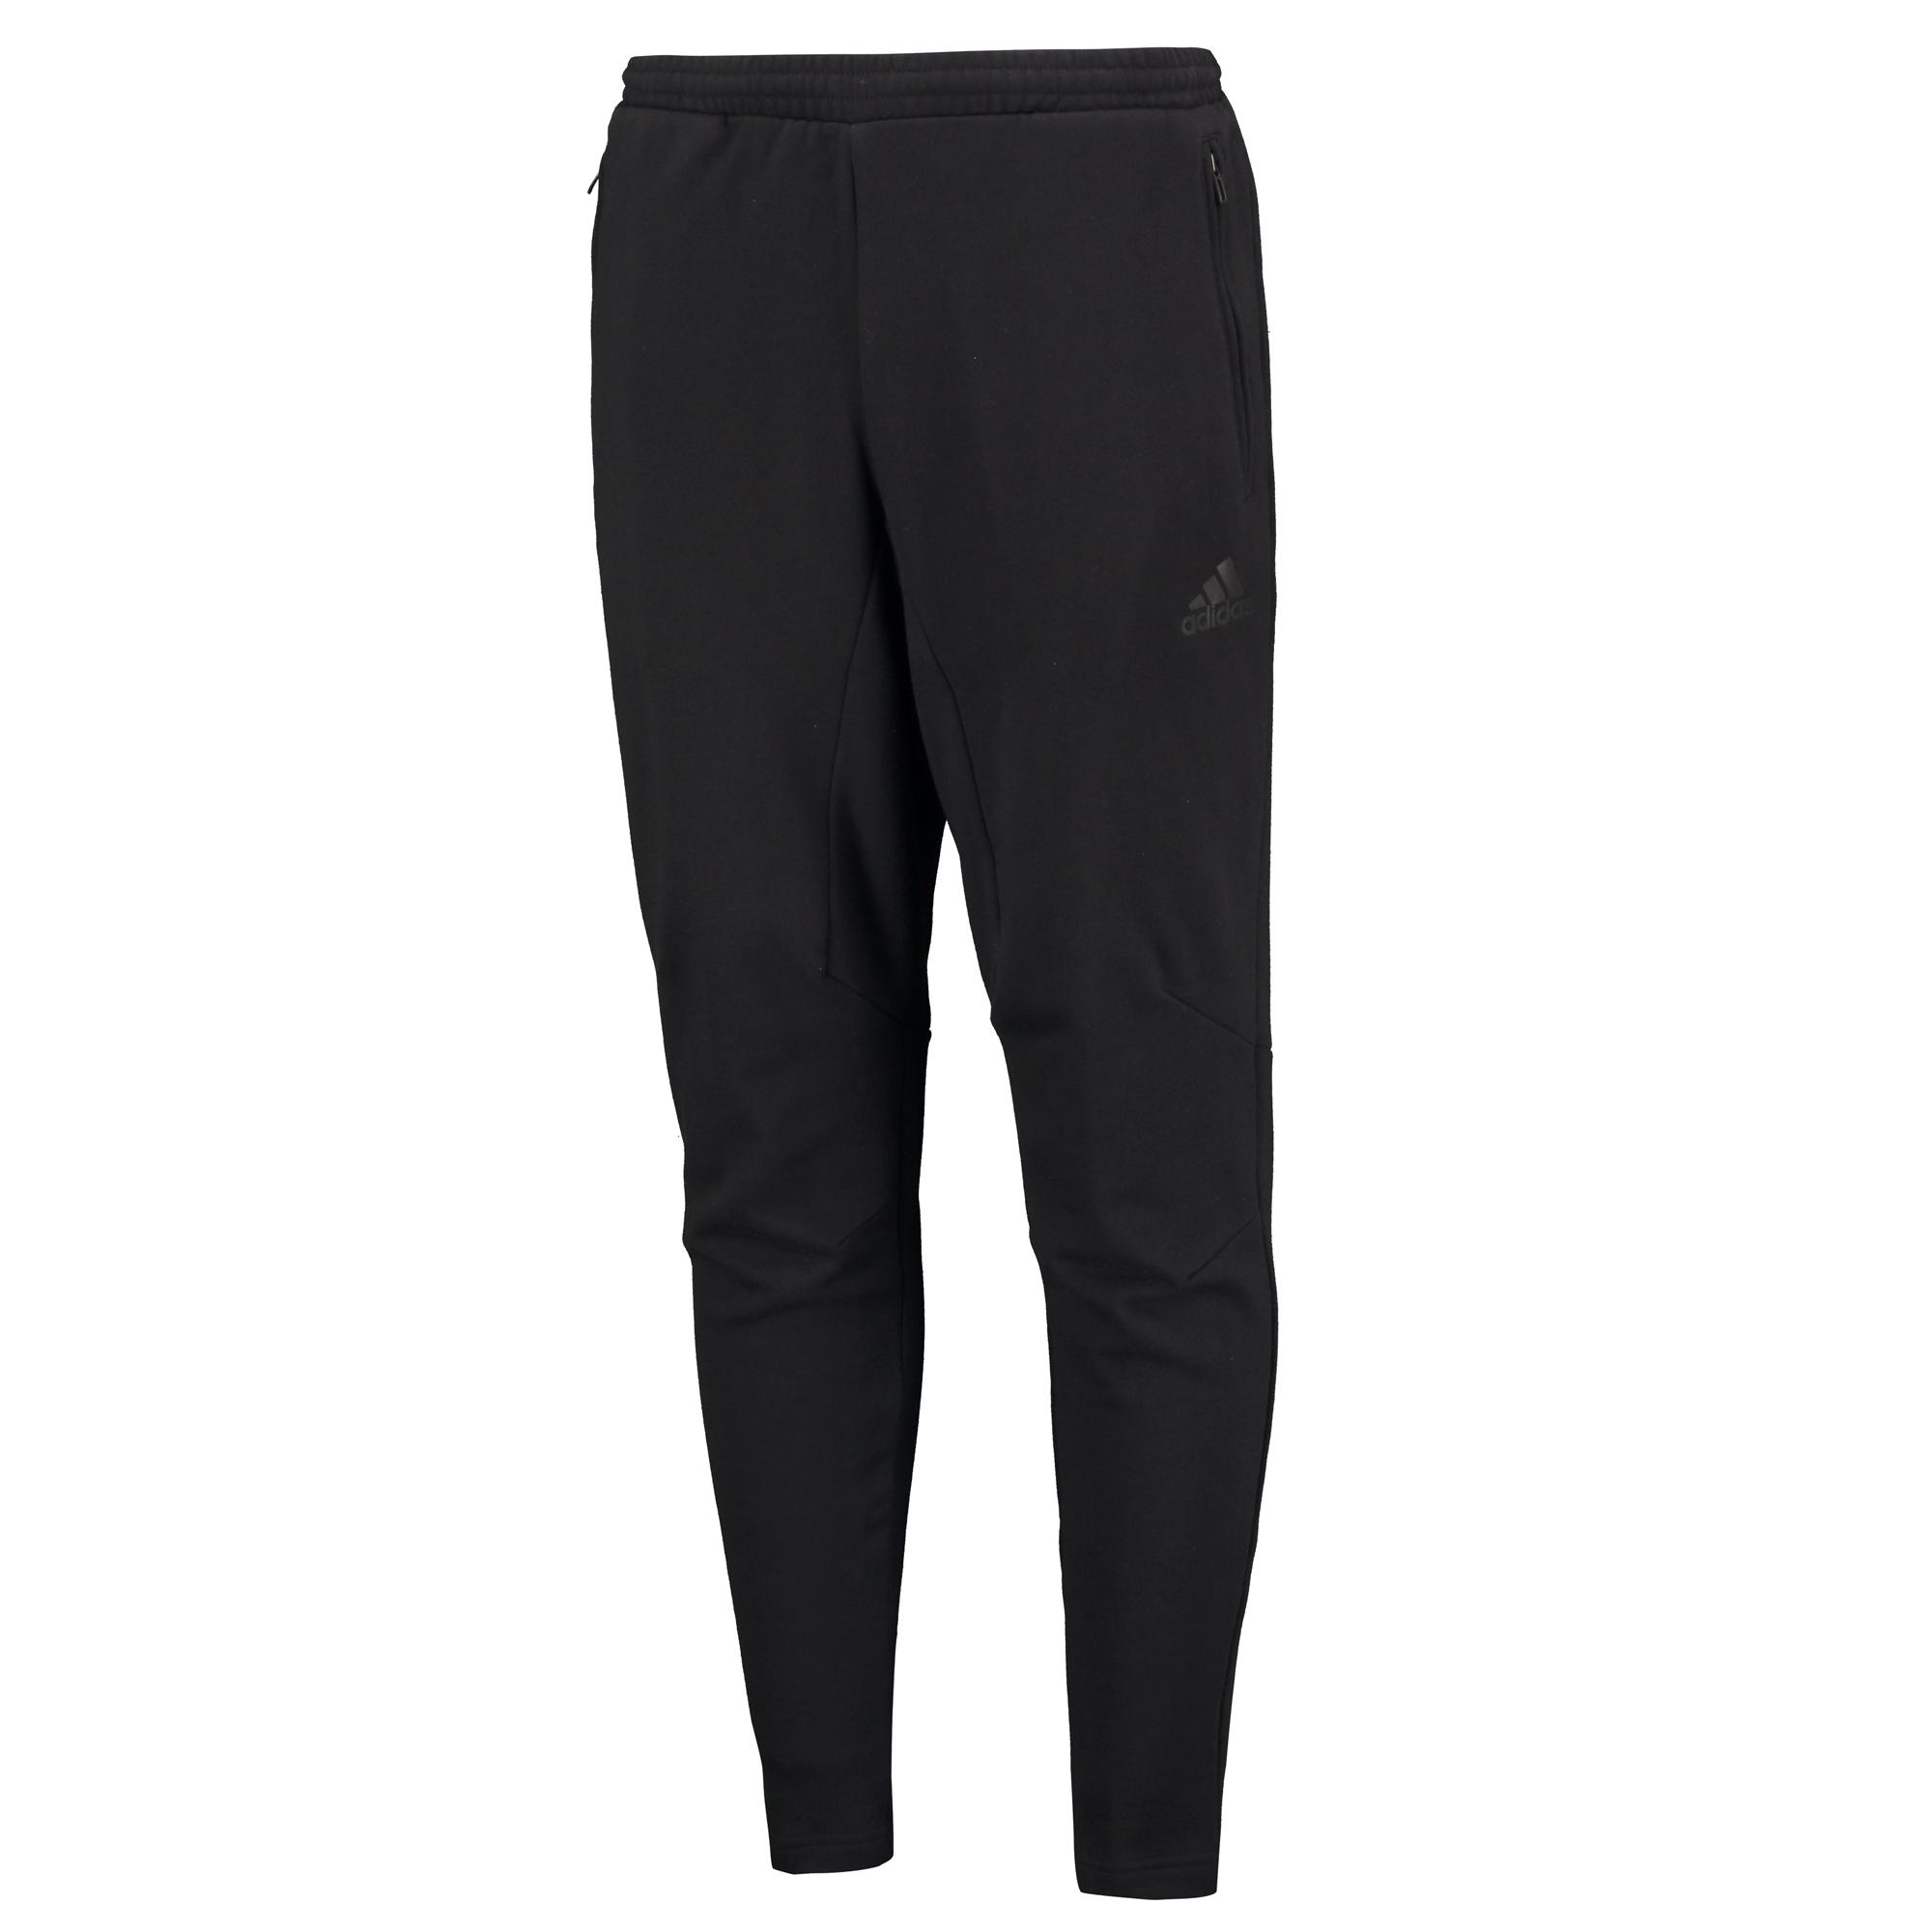 Pantalón de chándal adidas Tango - Negro